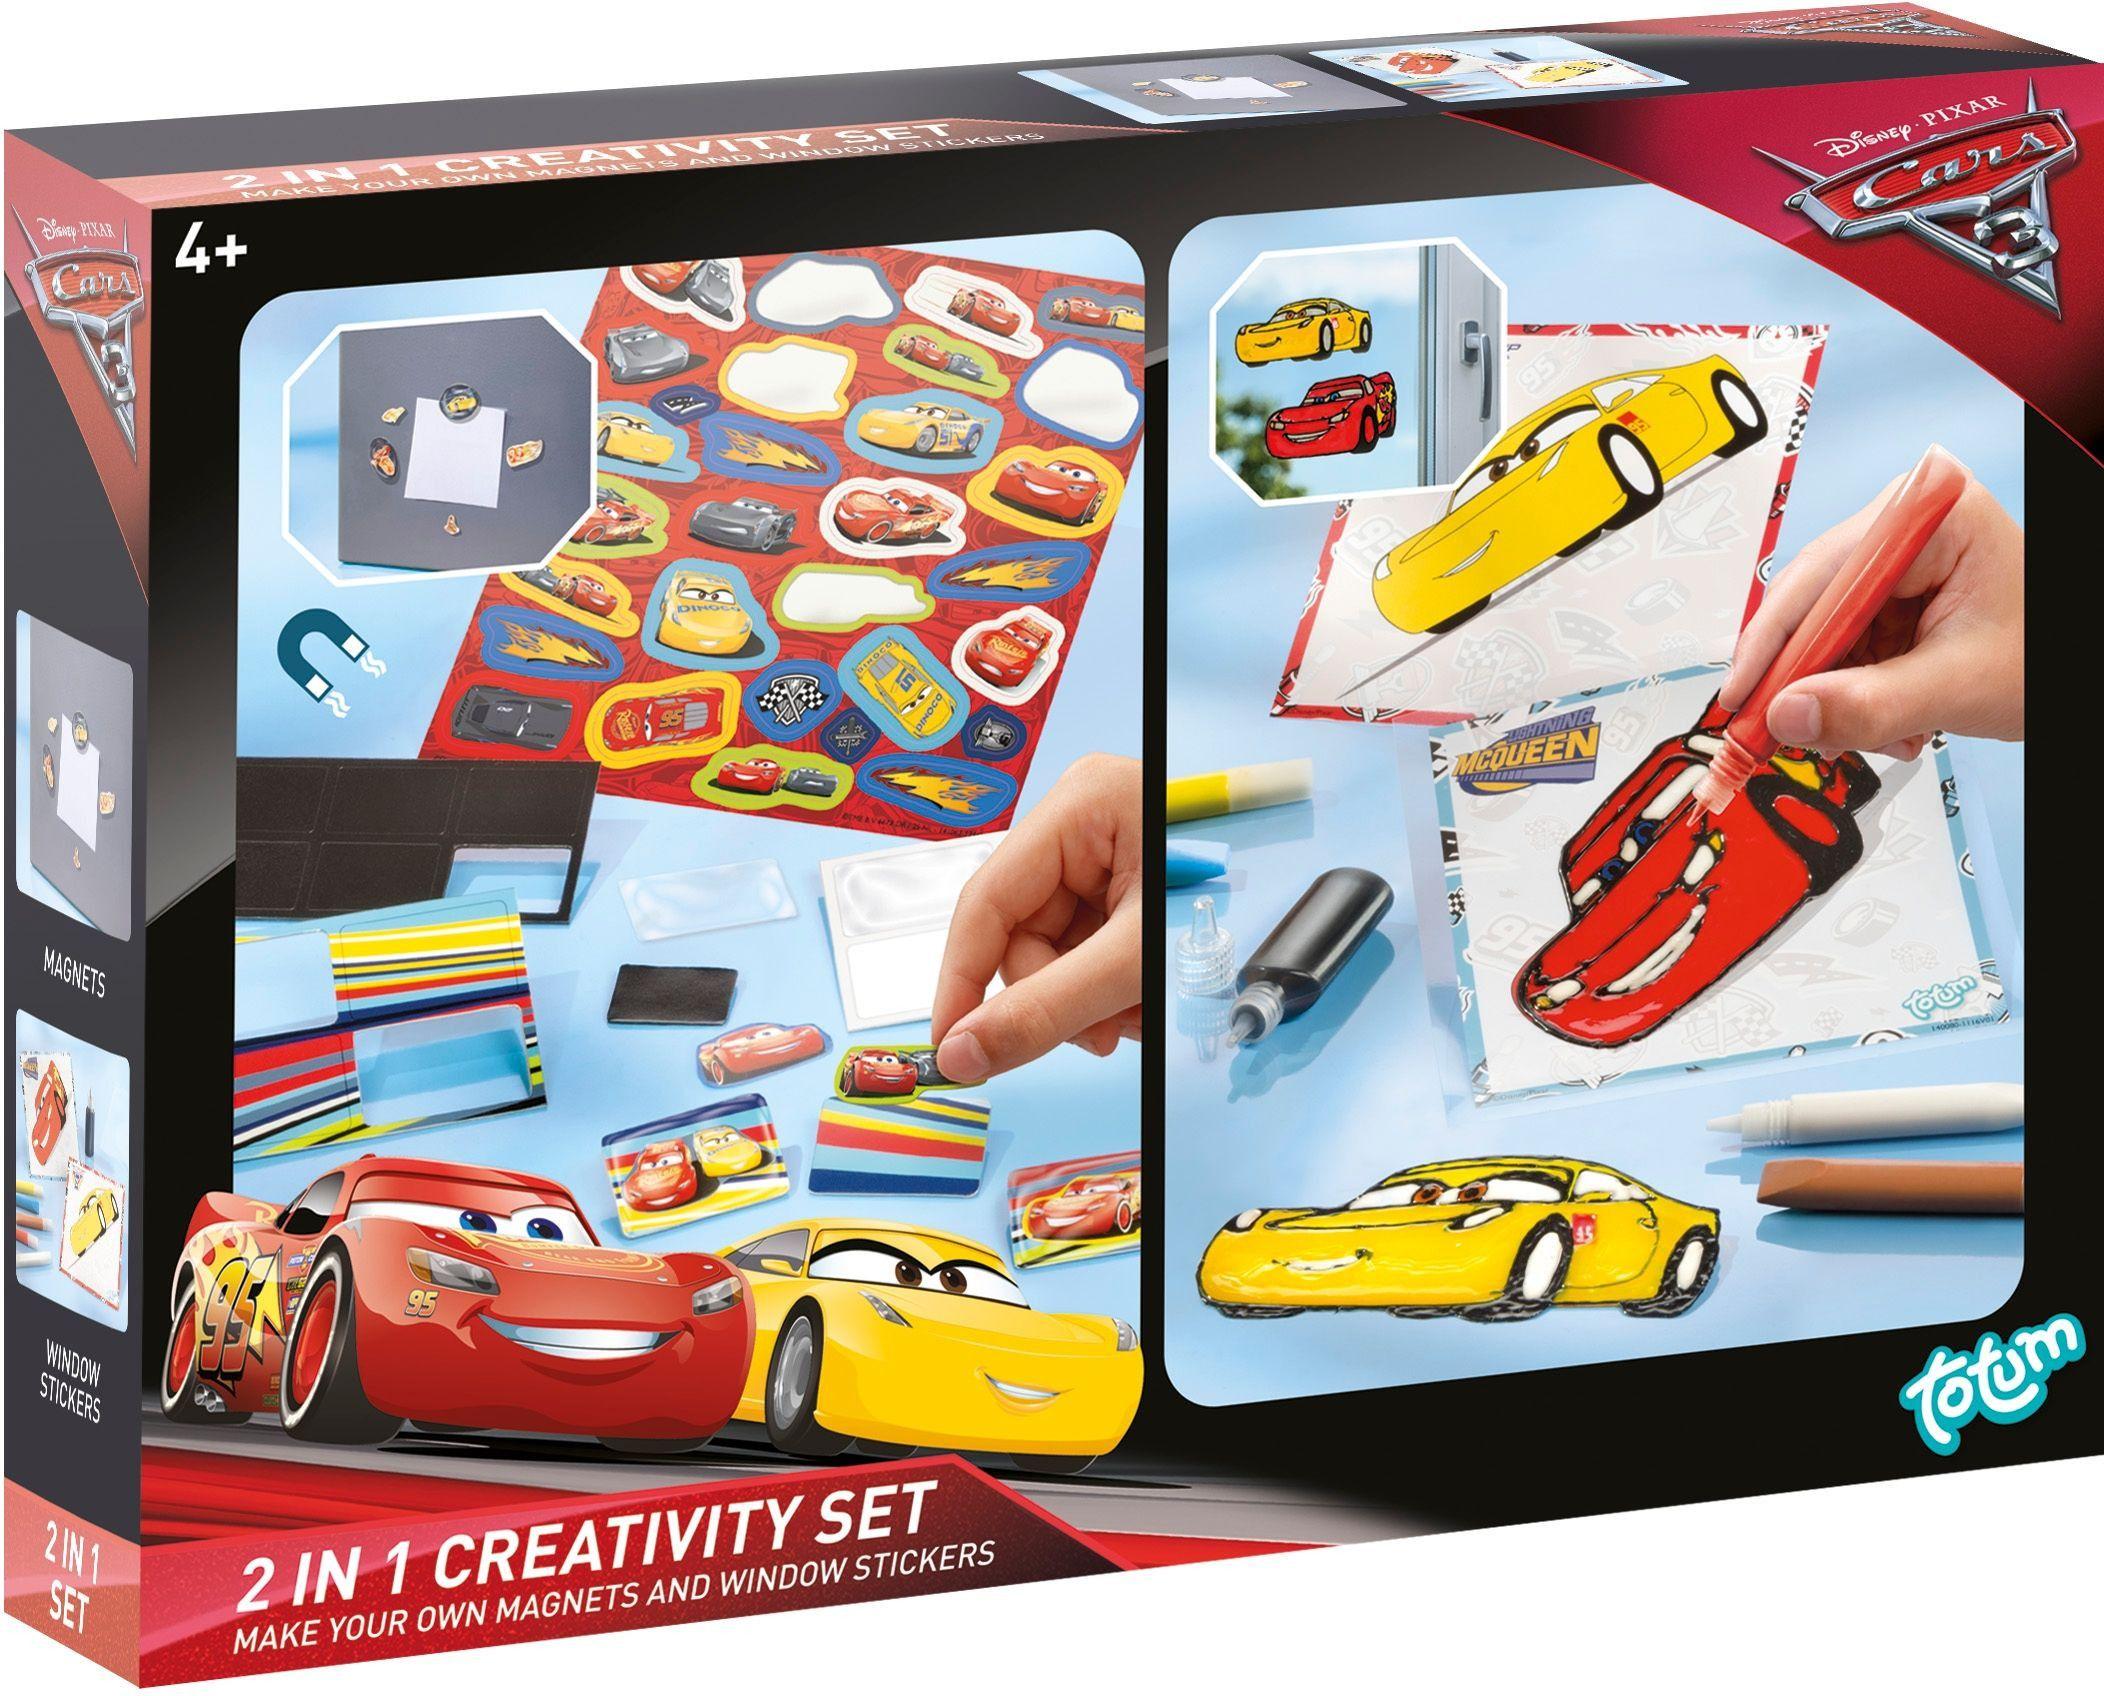 Creativity Set Cars 3 Totum 2 In 1 141063 Stickers Creativiteit Voor Kinderen